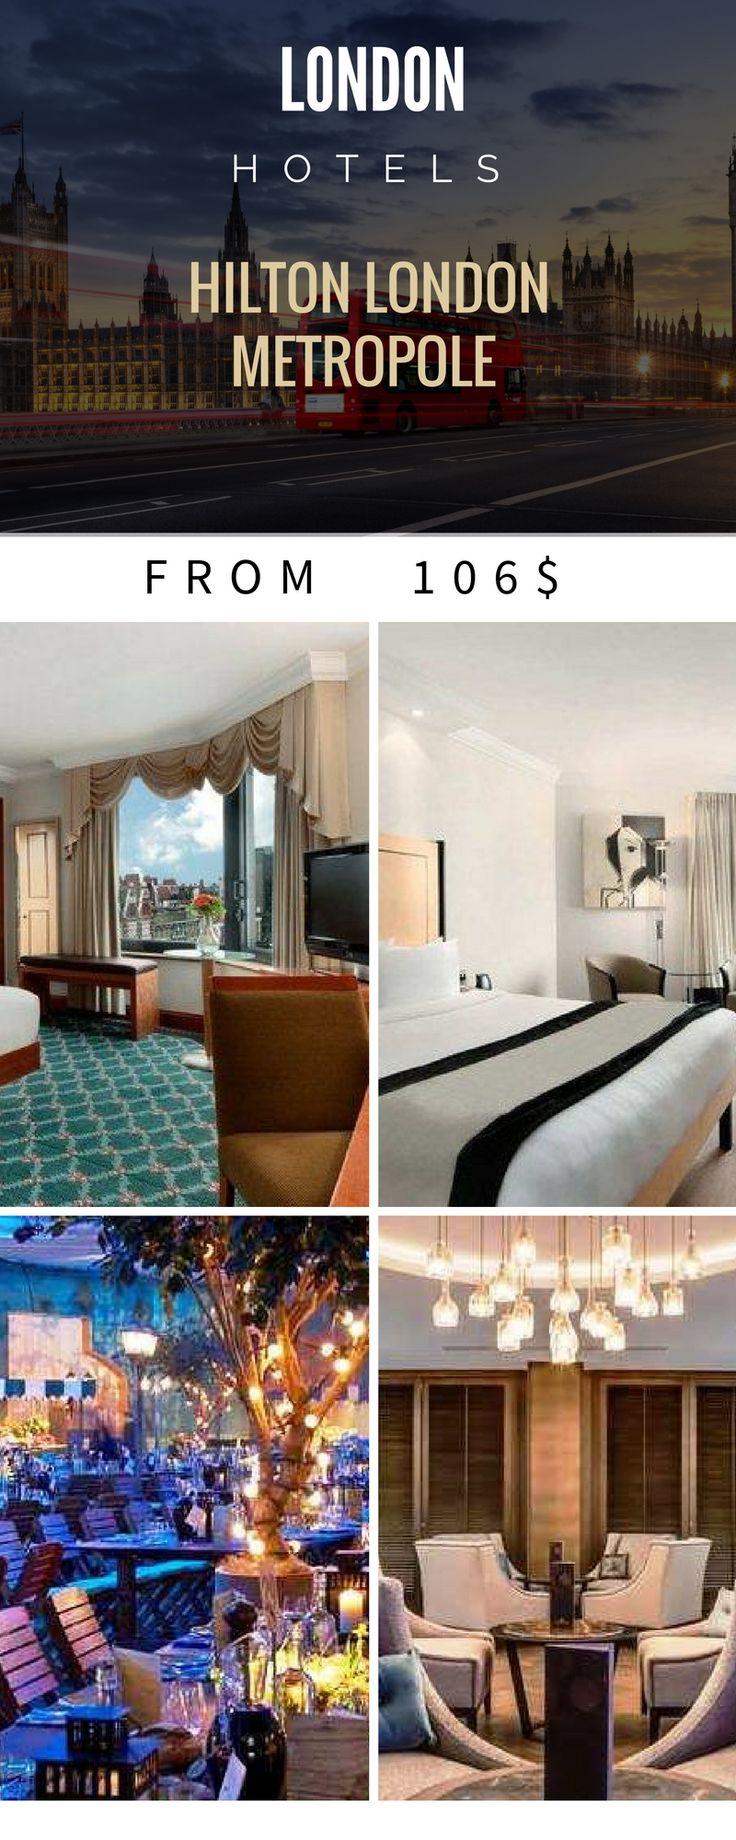 Chelsea plaza hotel dubai dubai book cheap amp discount hotels - Chelsea Plaza Hotel Dubai Dubai Book Cheap Amp Discount Hotels Compare Hotel Prices And Book Download